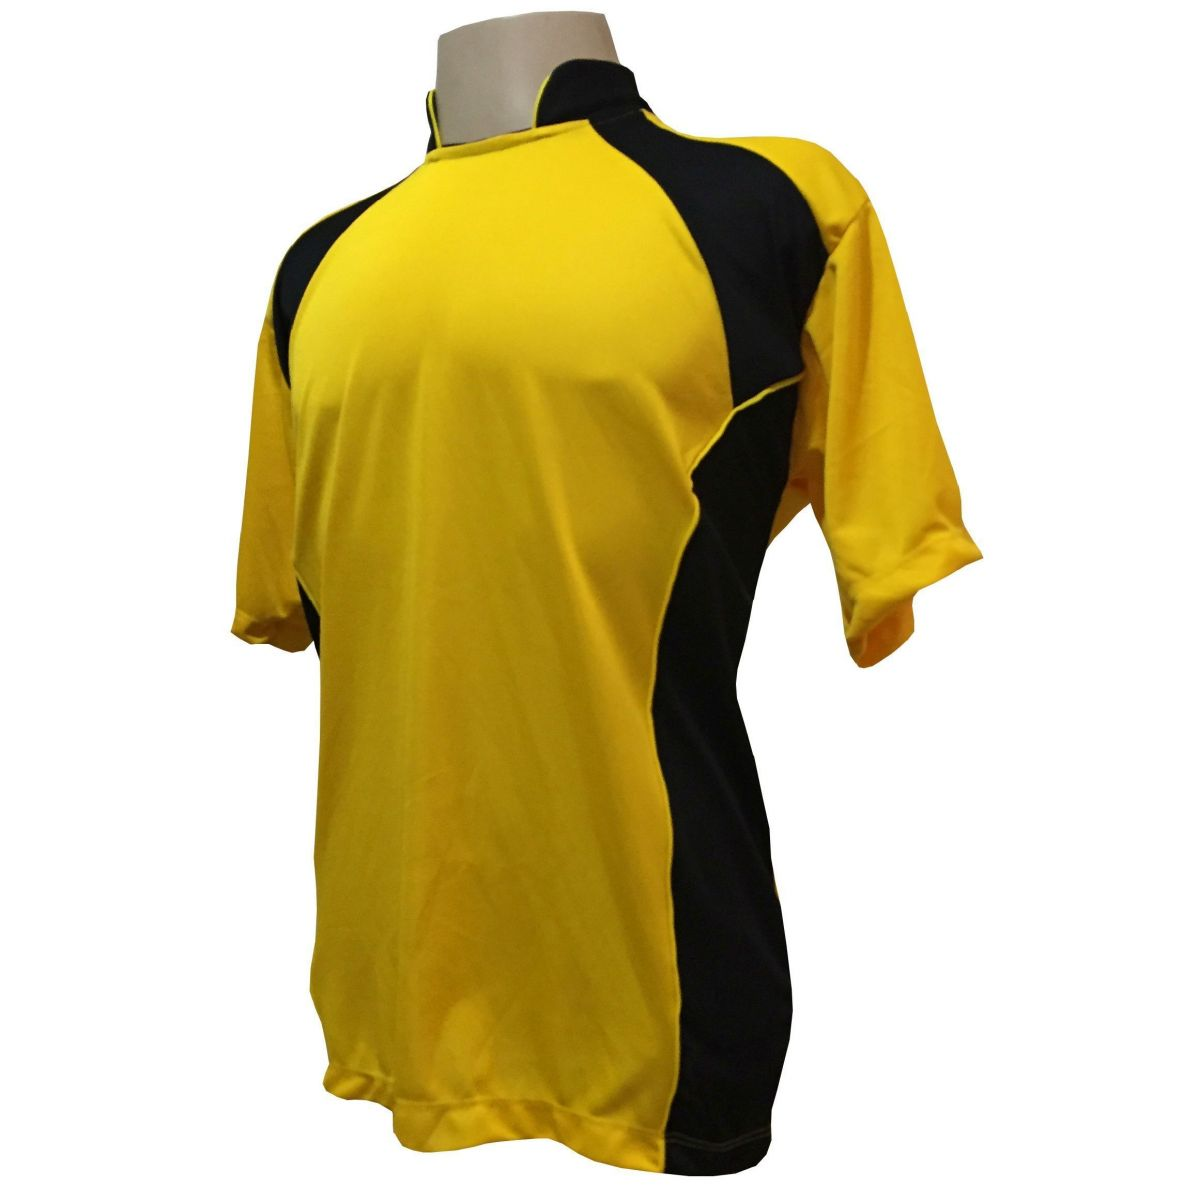 Uniforme Esportivo com 14 camisas modelo Suécia Amarelo/Preto + 14 calções modelo Madrid Preto + Brindes